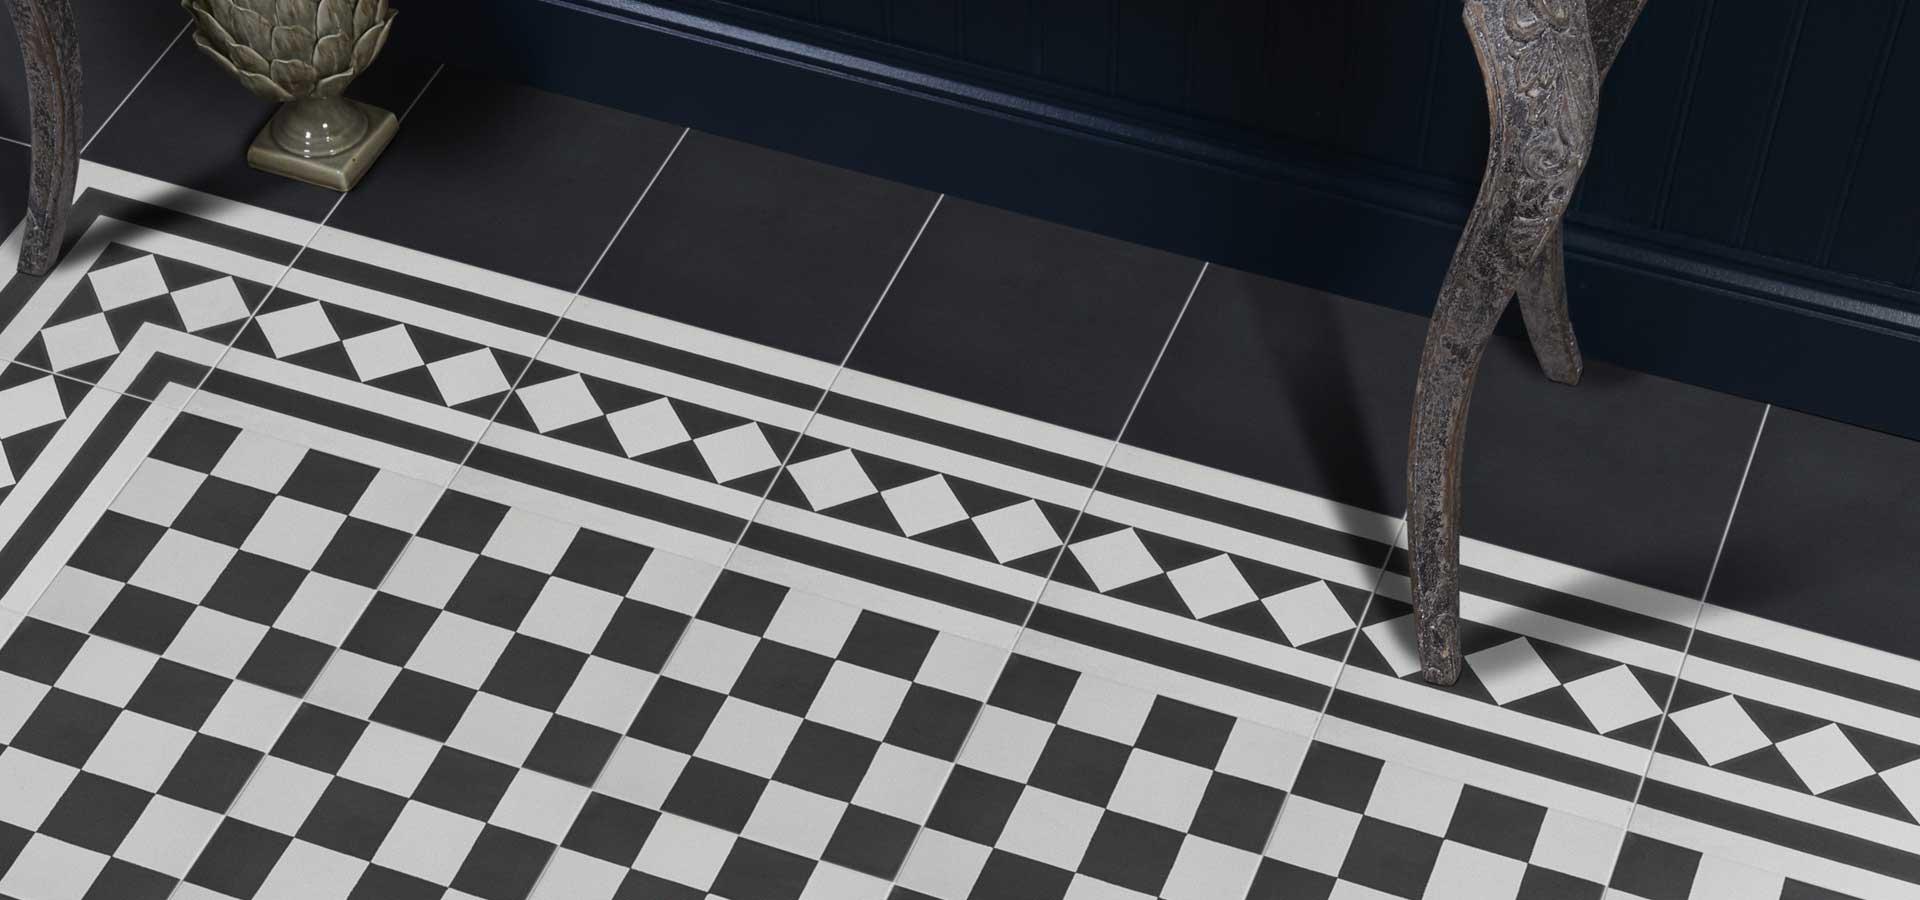 TIles Ca Pietra Encaustic Chequer Floor